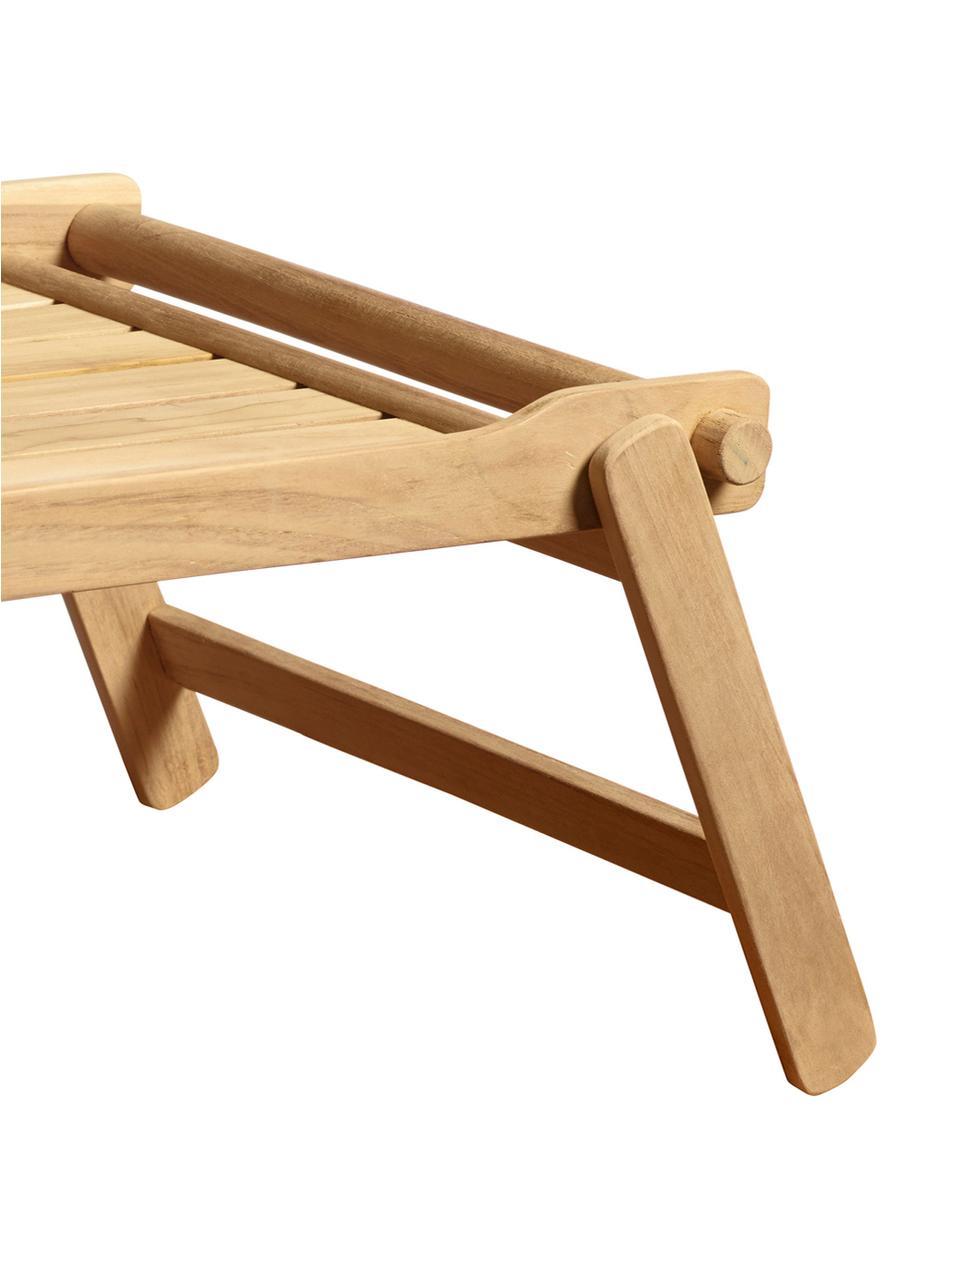 Plateau pliable sur pieds en bois Bed, larg. 36 x long. 58cm, Teck